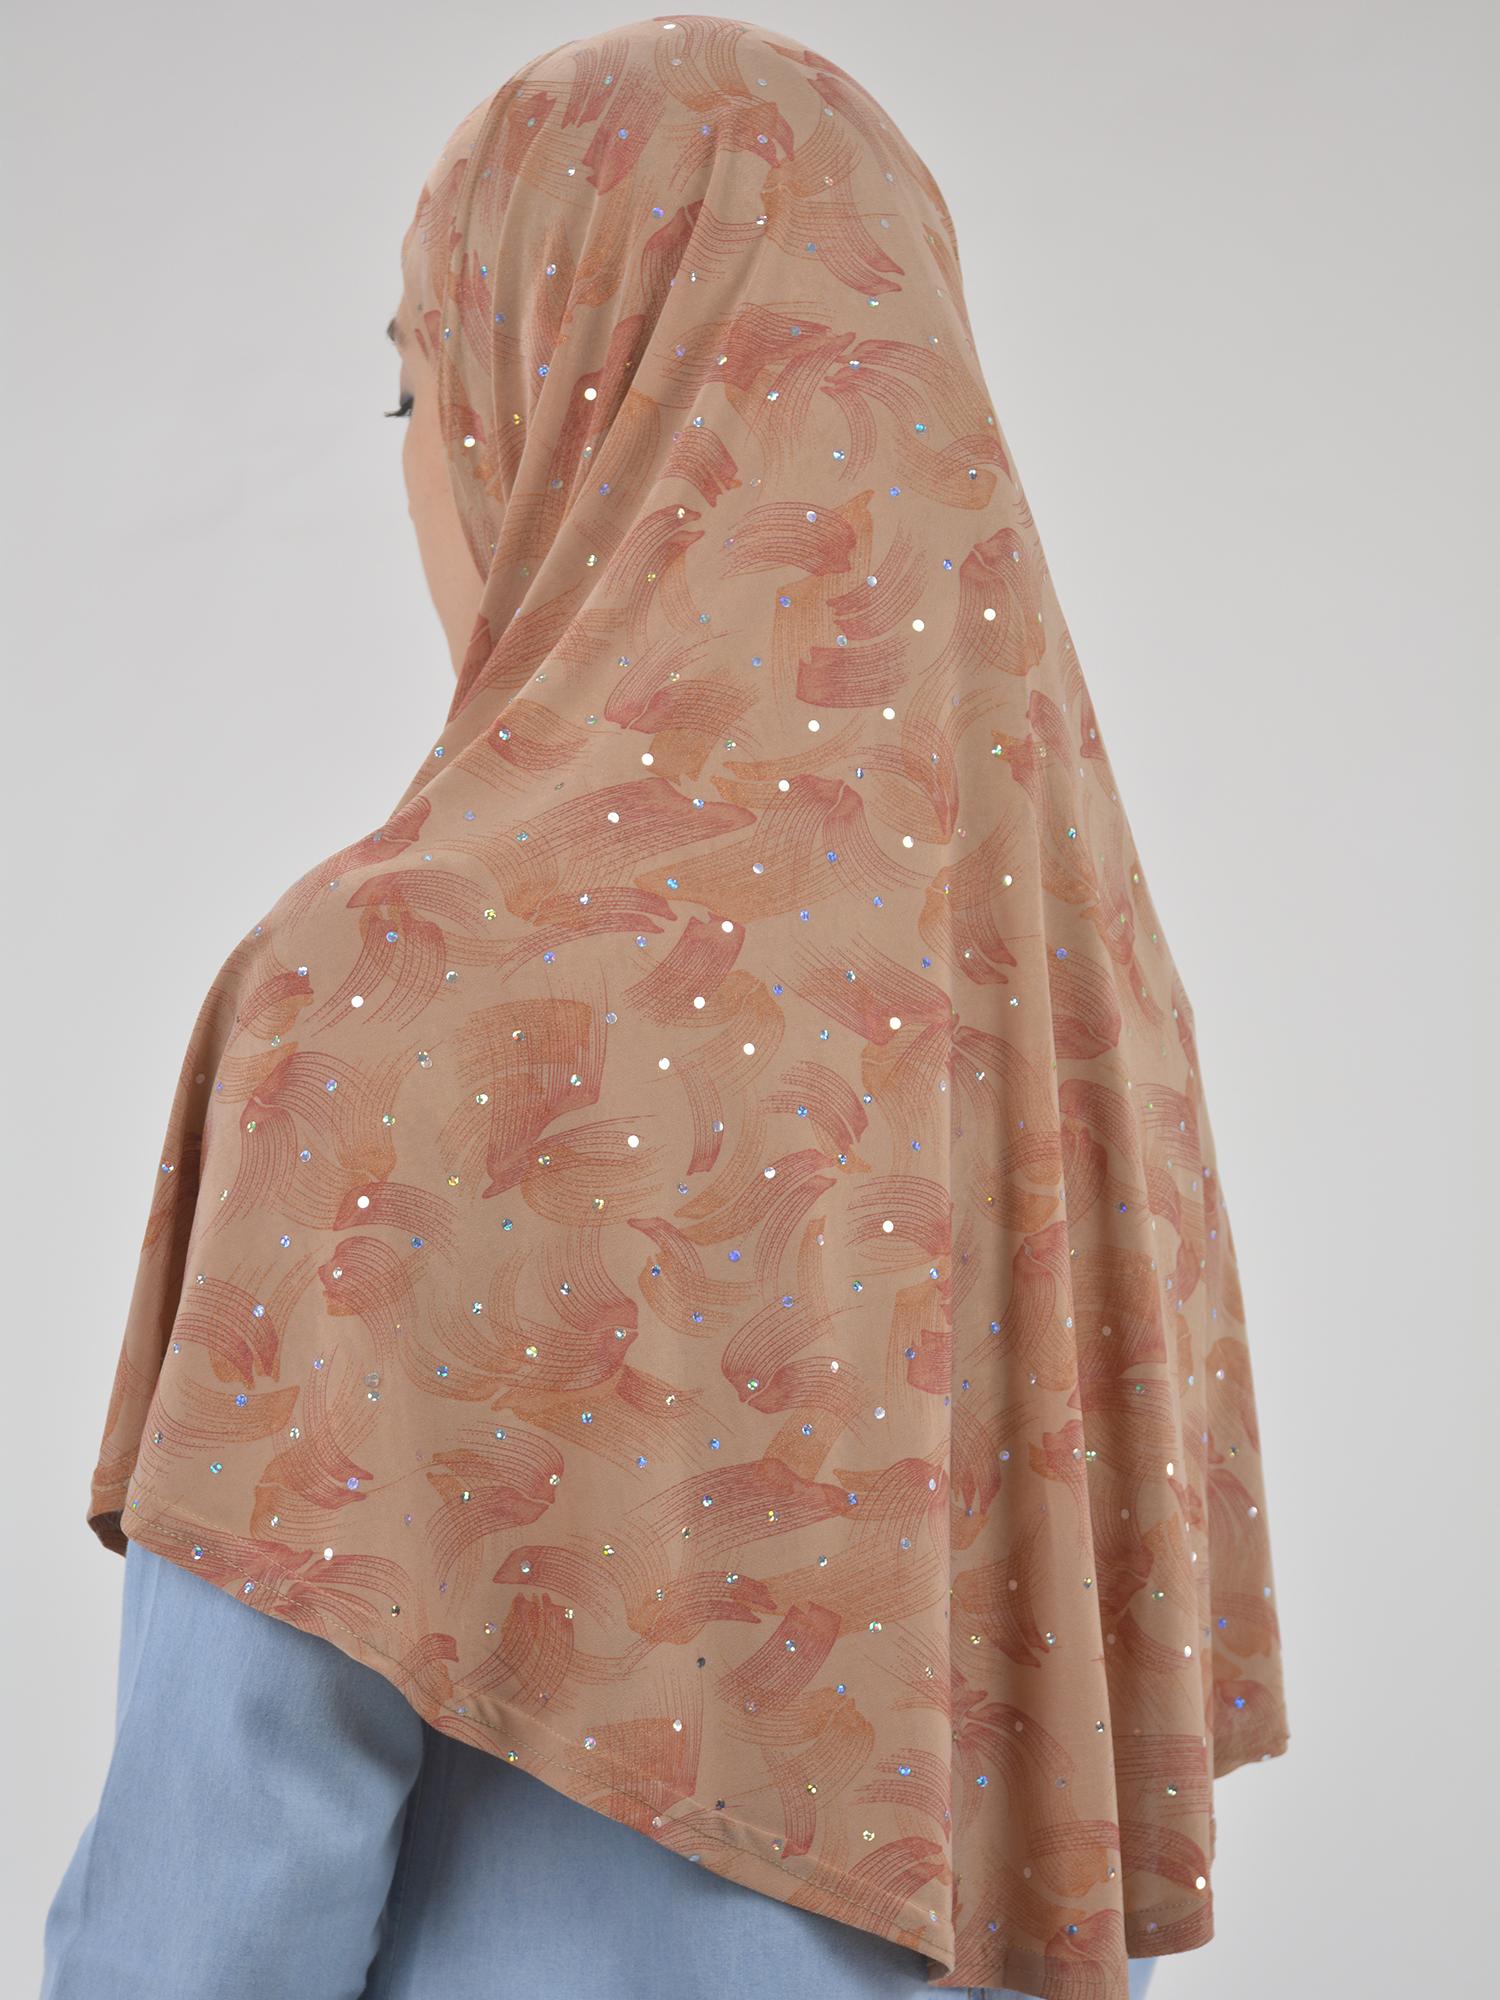 Angel lash Glitter One-Piece Al-Amira Hijab HI2130 (3)